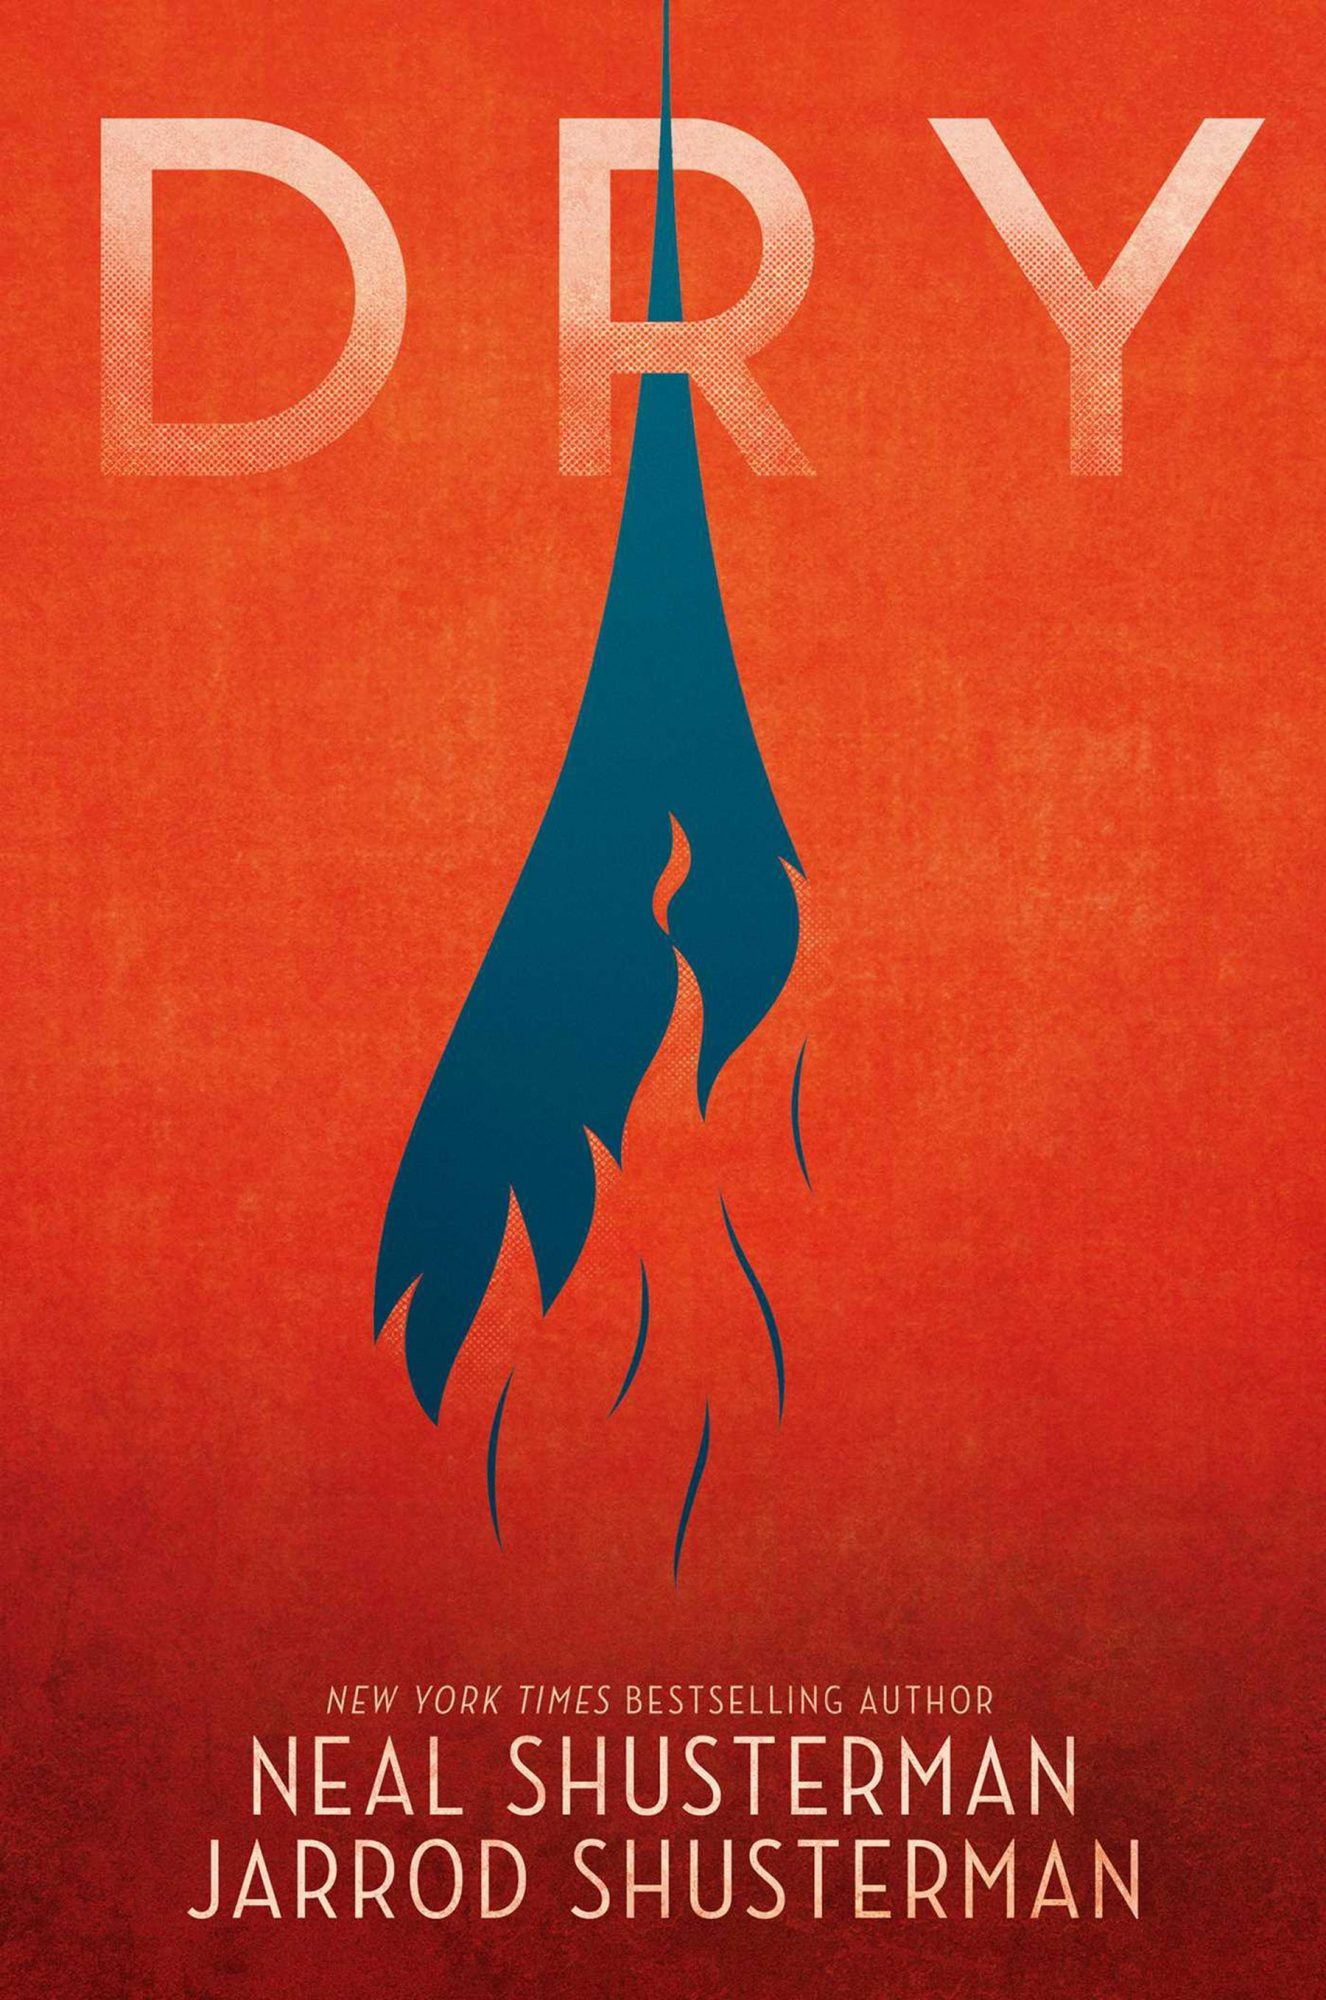 DryBy Neal Shusterman and Jarrod ShustermanCR: Simon & Schuster